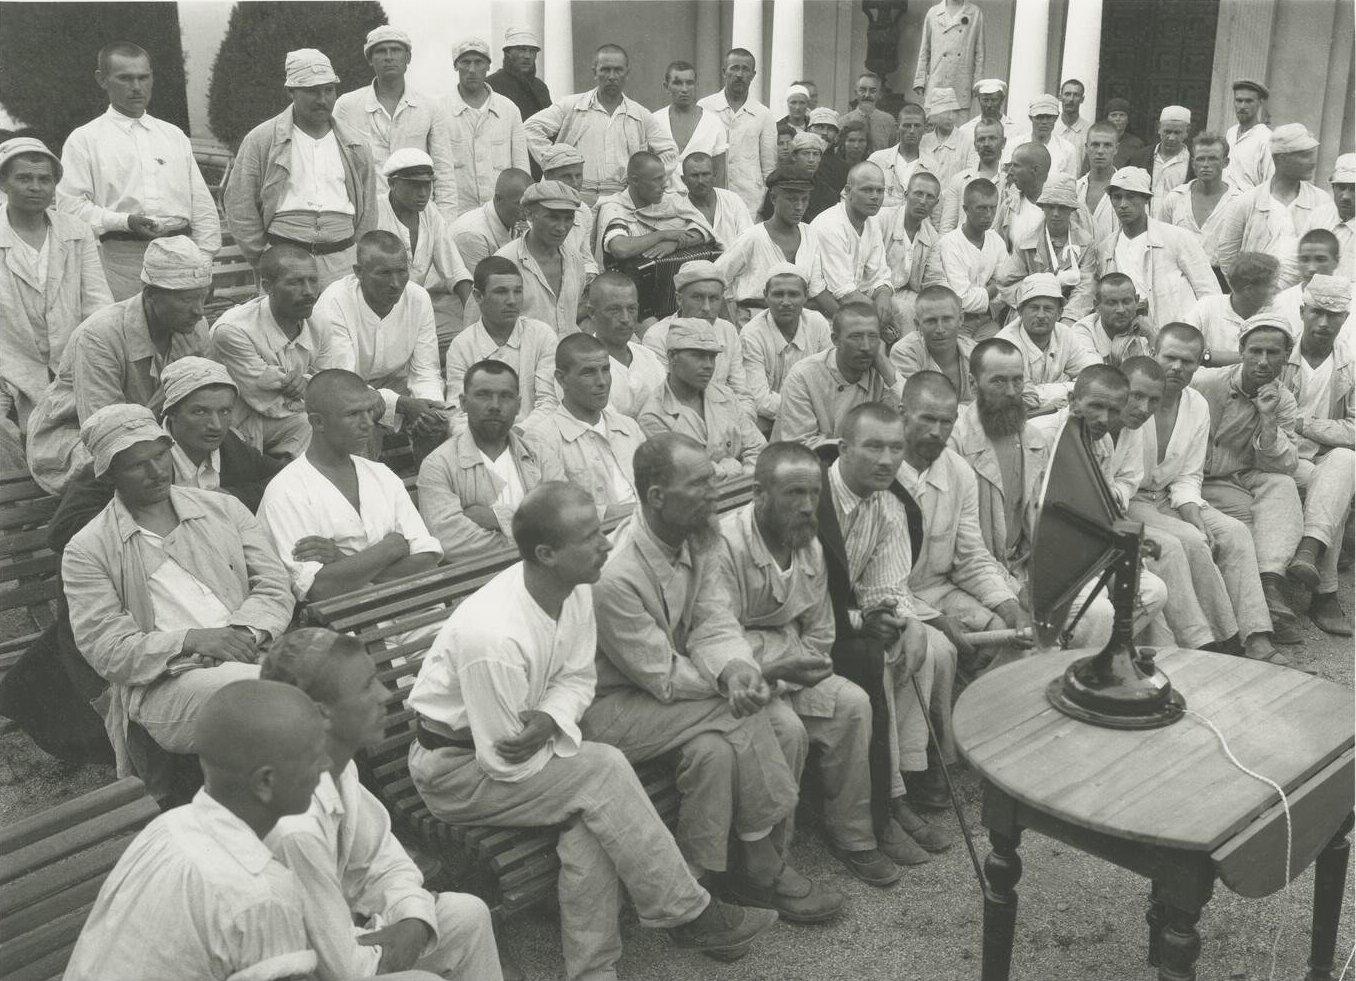 1925. Открытие крестьянского курорта «Ливадия». Крестьяне слушают радио в Красном уголке. 28-30 июня